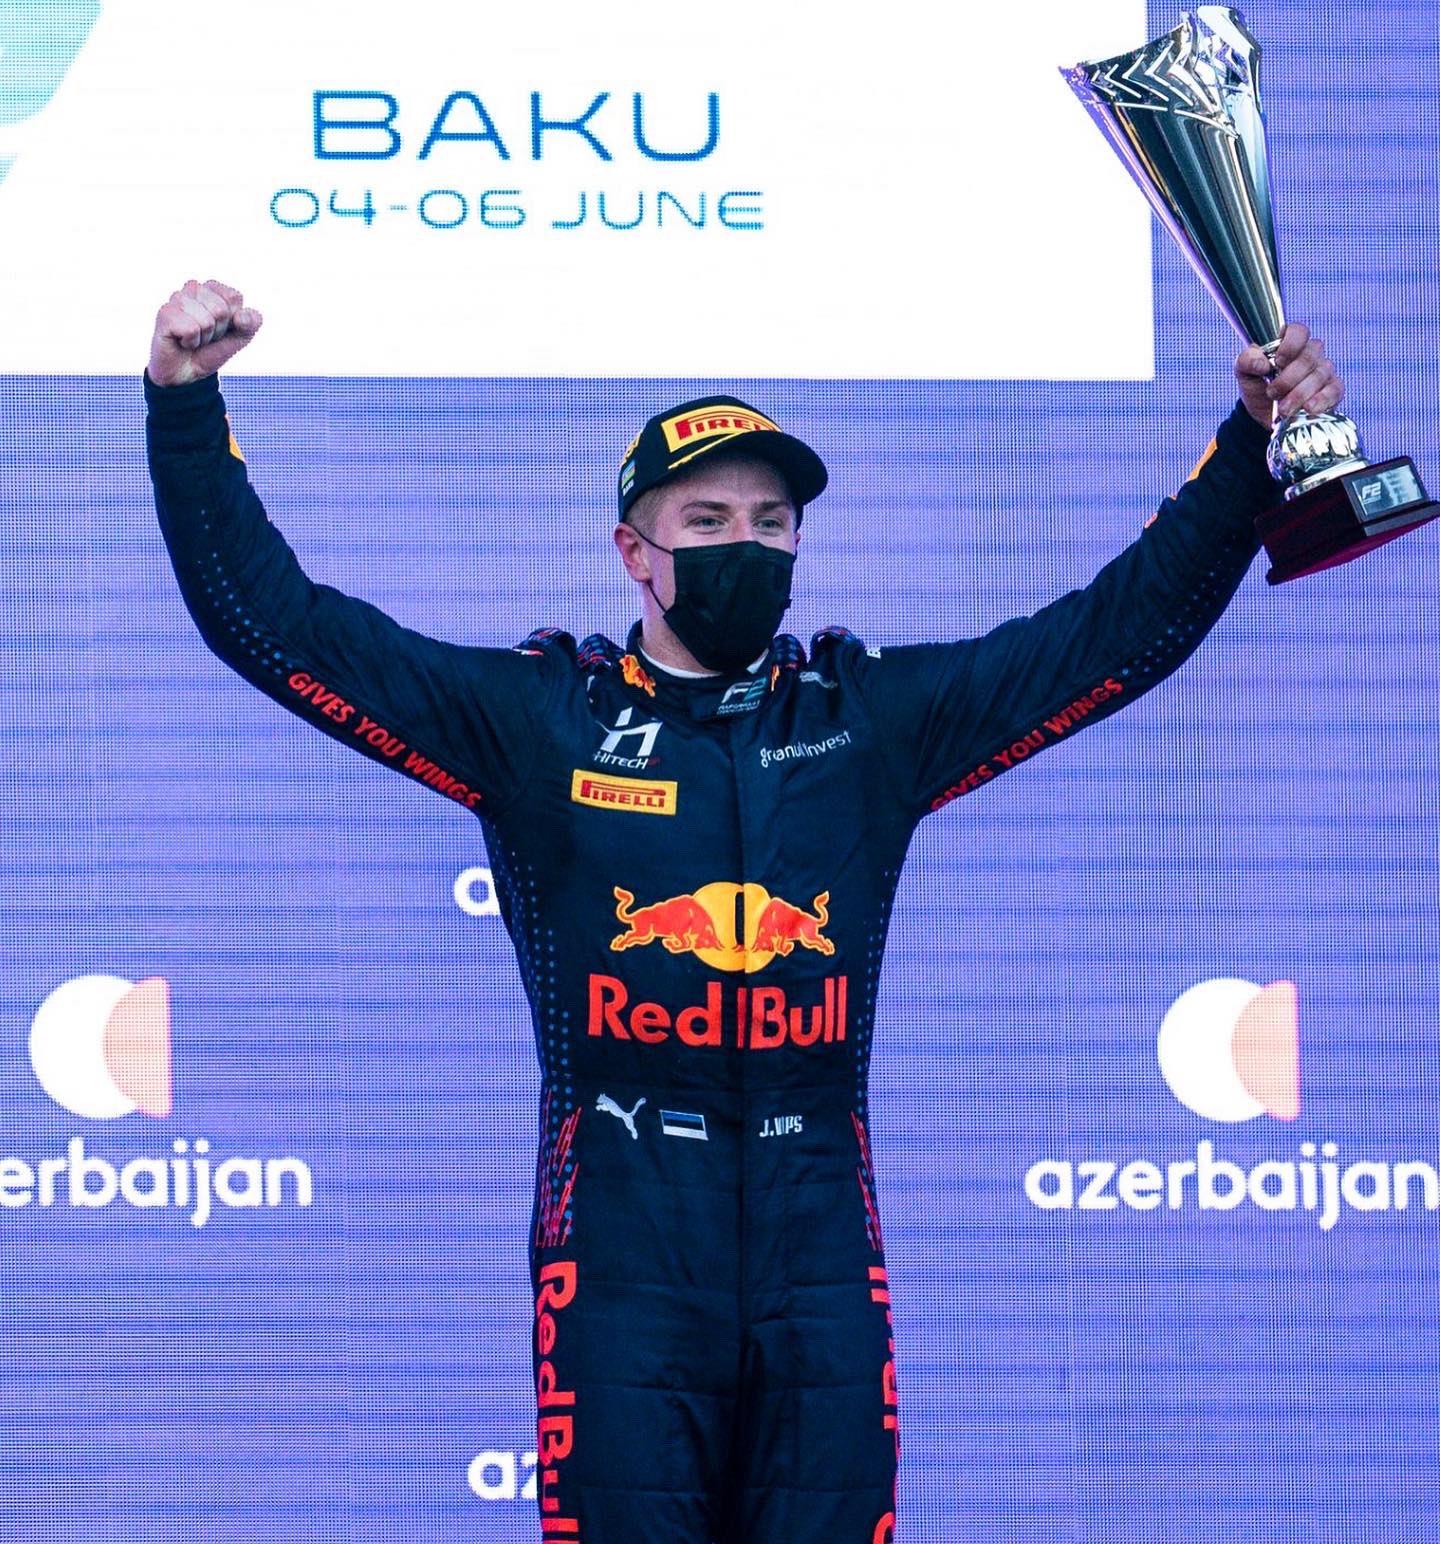 Vips sur la plus haute marche du podium © Hitech GP